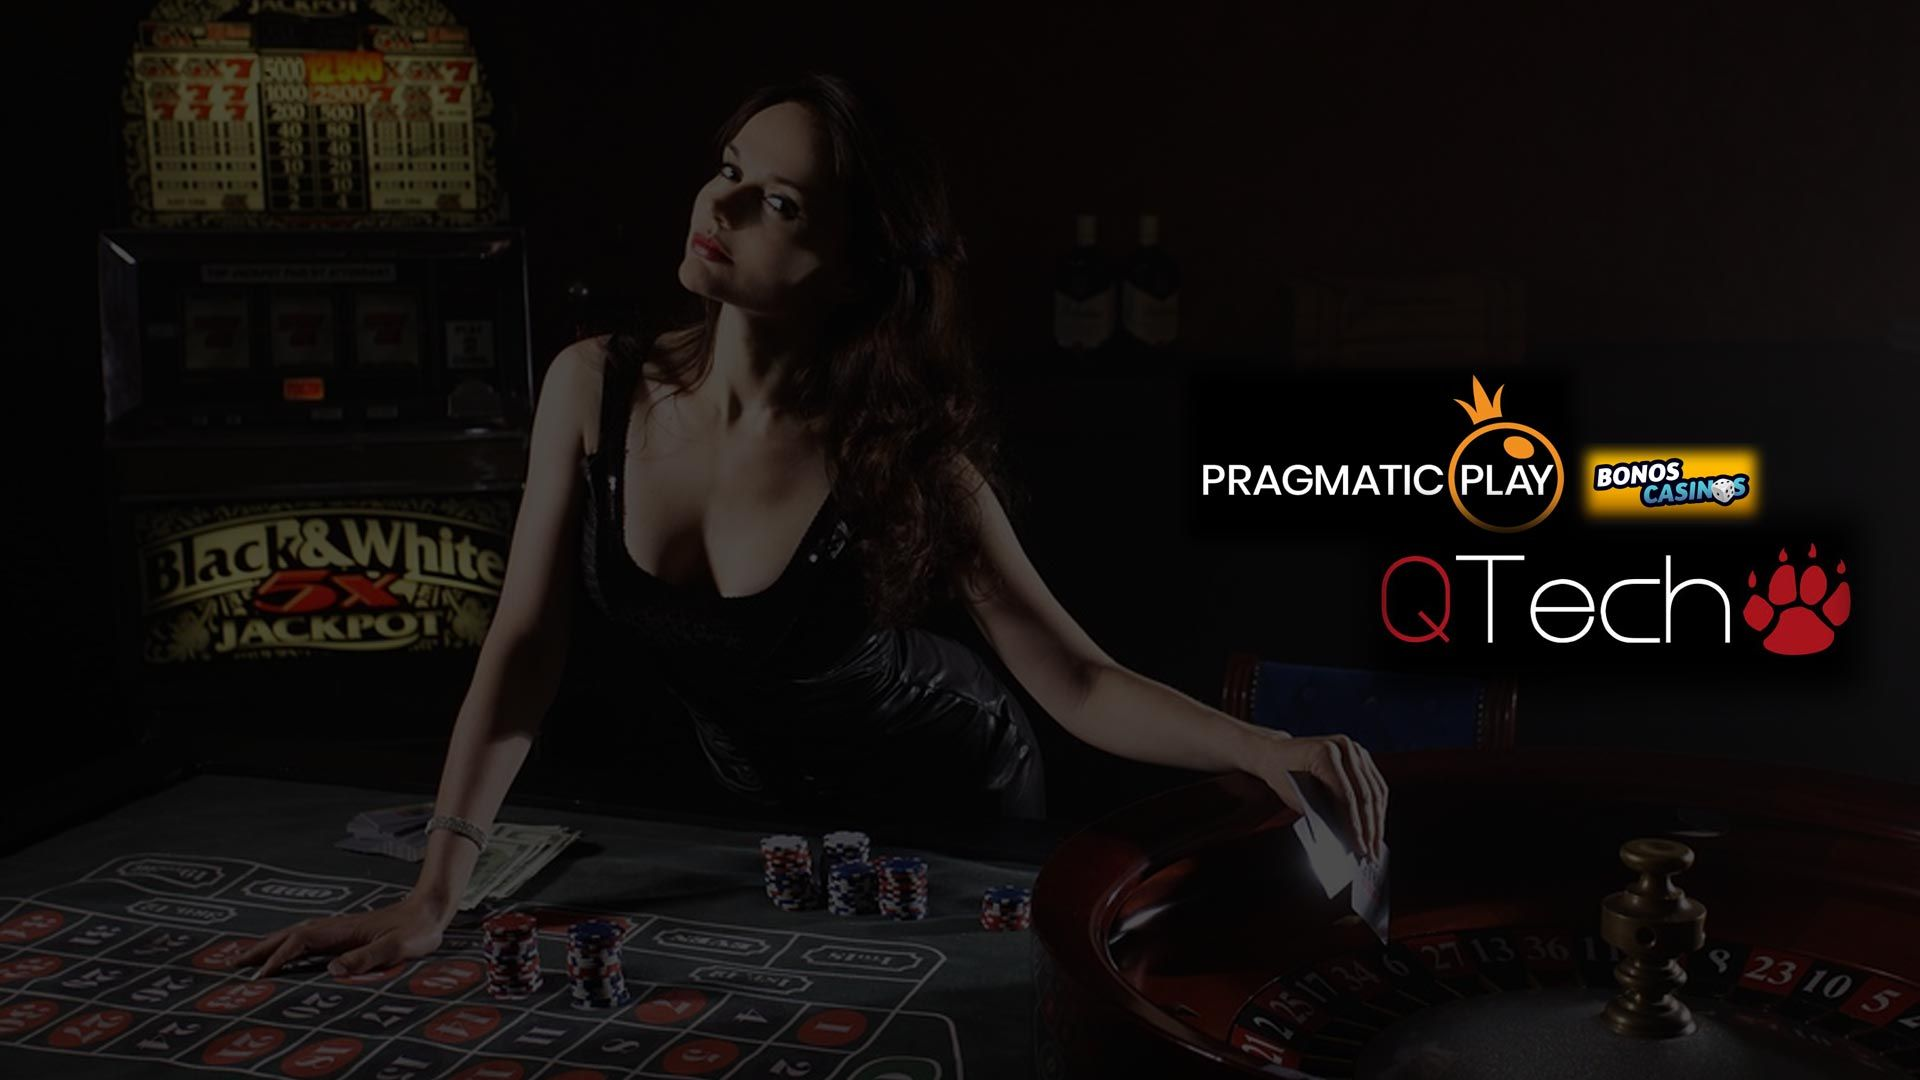 logo de QTech integra las tragamonedas y casino en vivo de Pragmatic Play